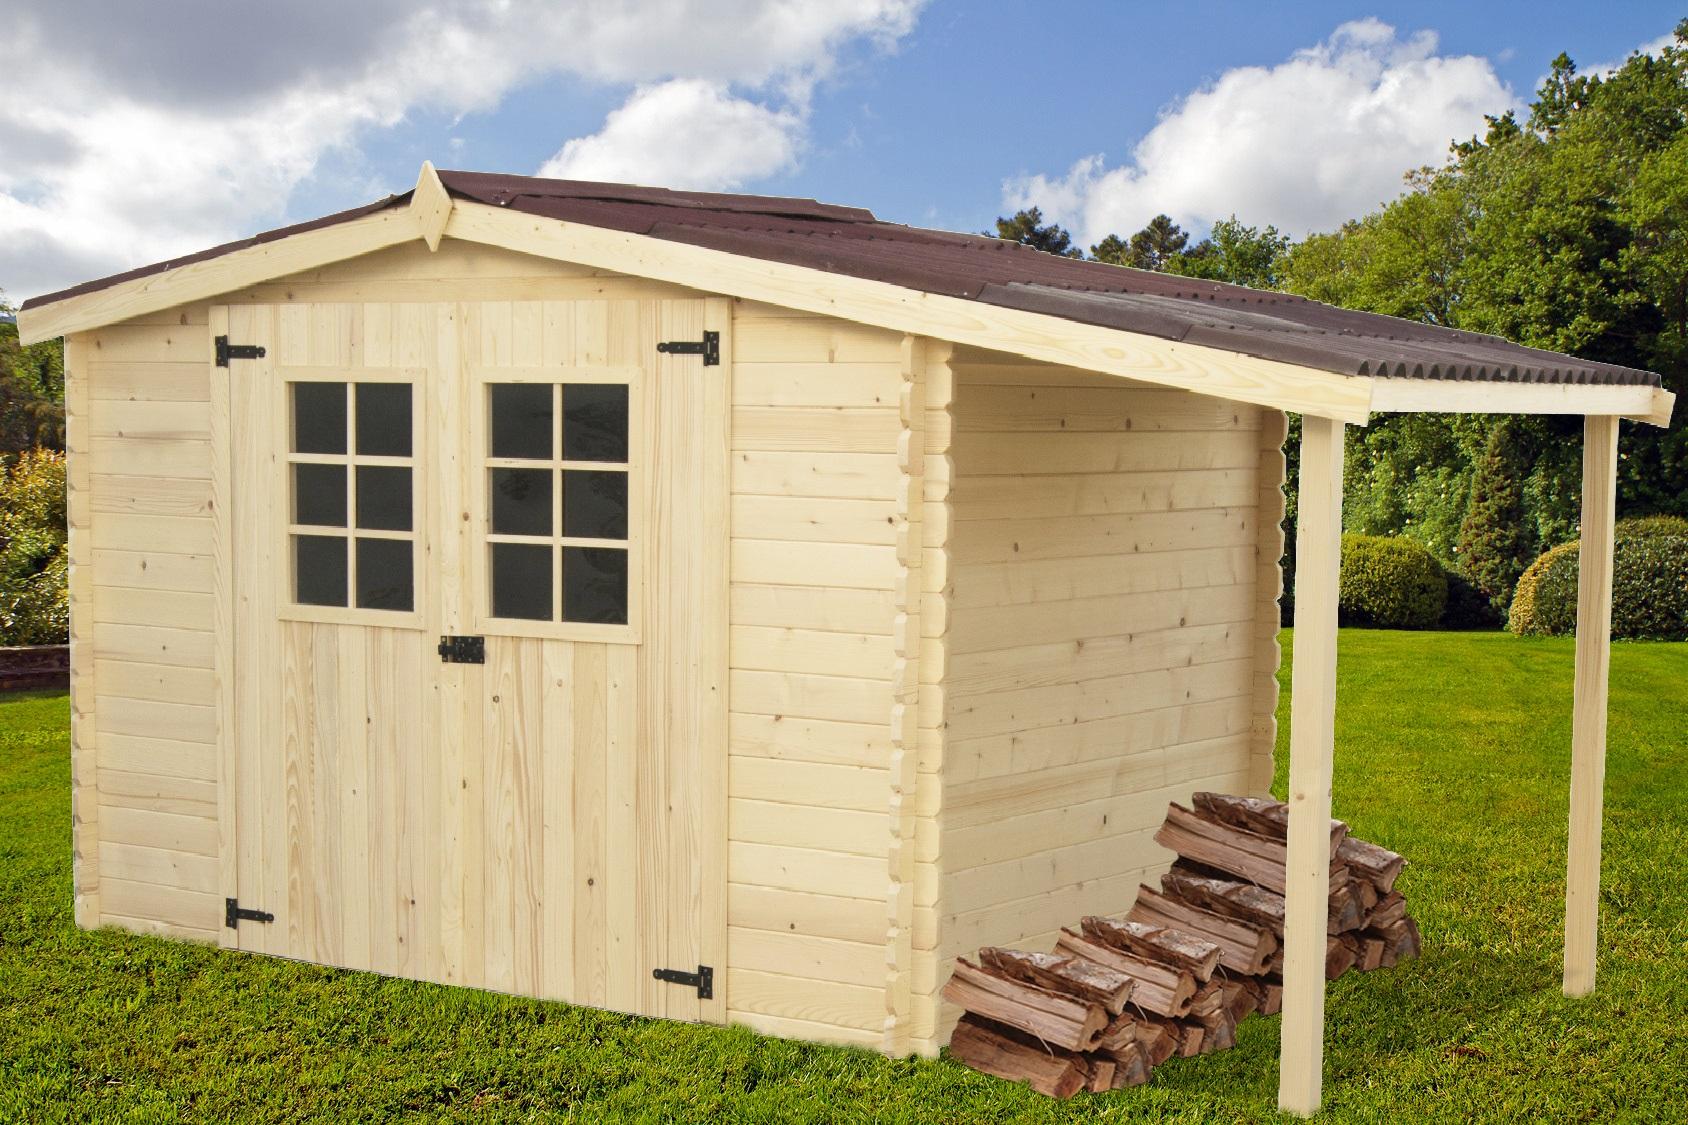 Abri Jardin Bois Montana Bucher 4,15X2,04M destiné Abri De Jardin Bois 5M2